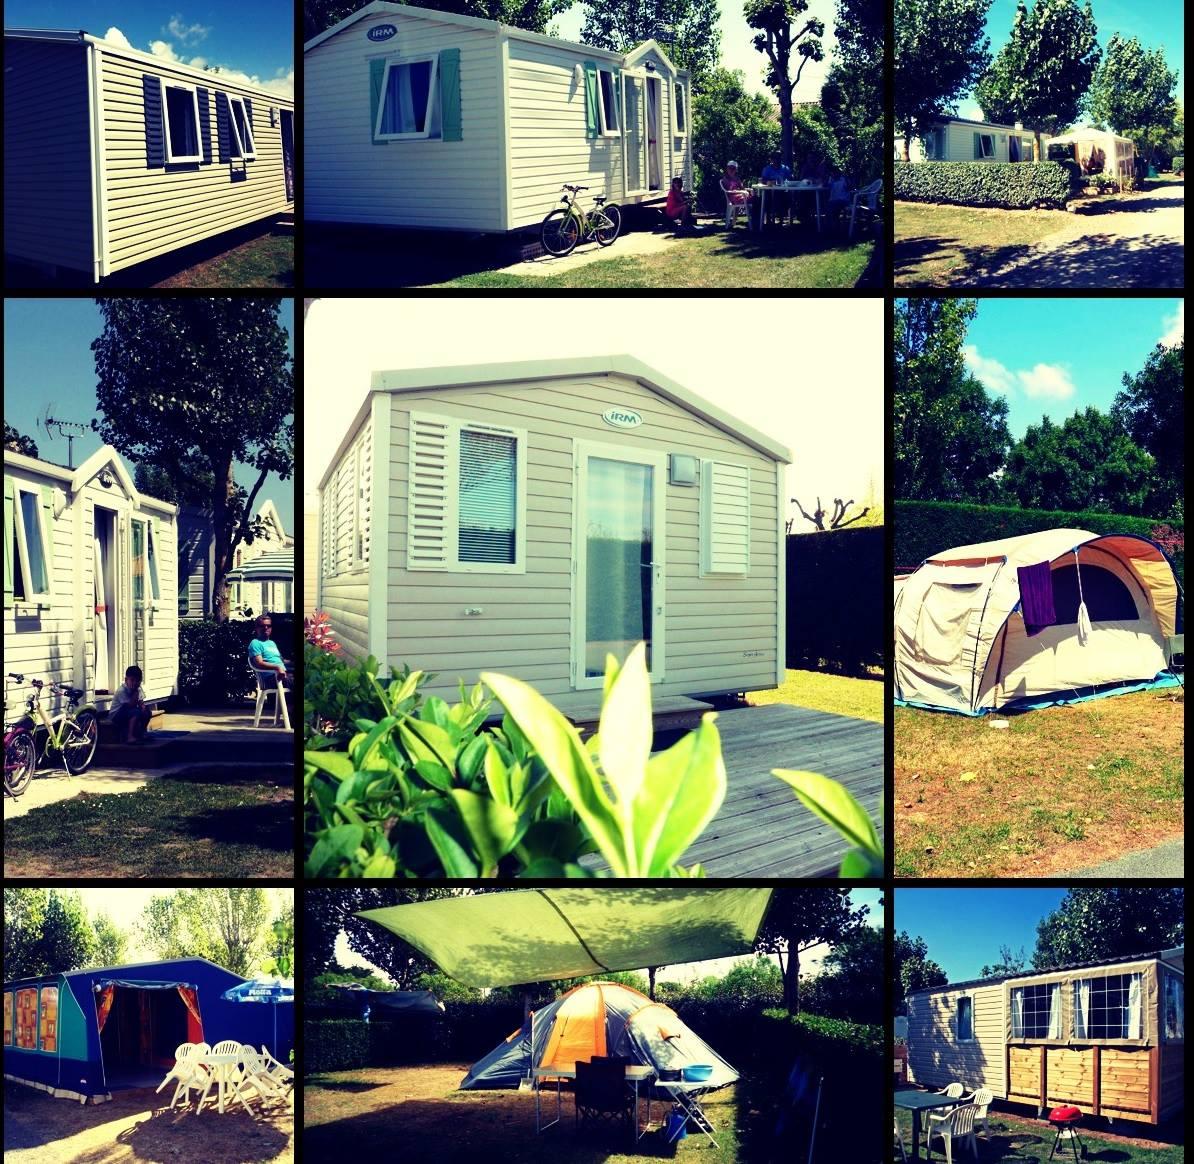 Vélivélo, location de vélos au camping P